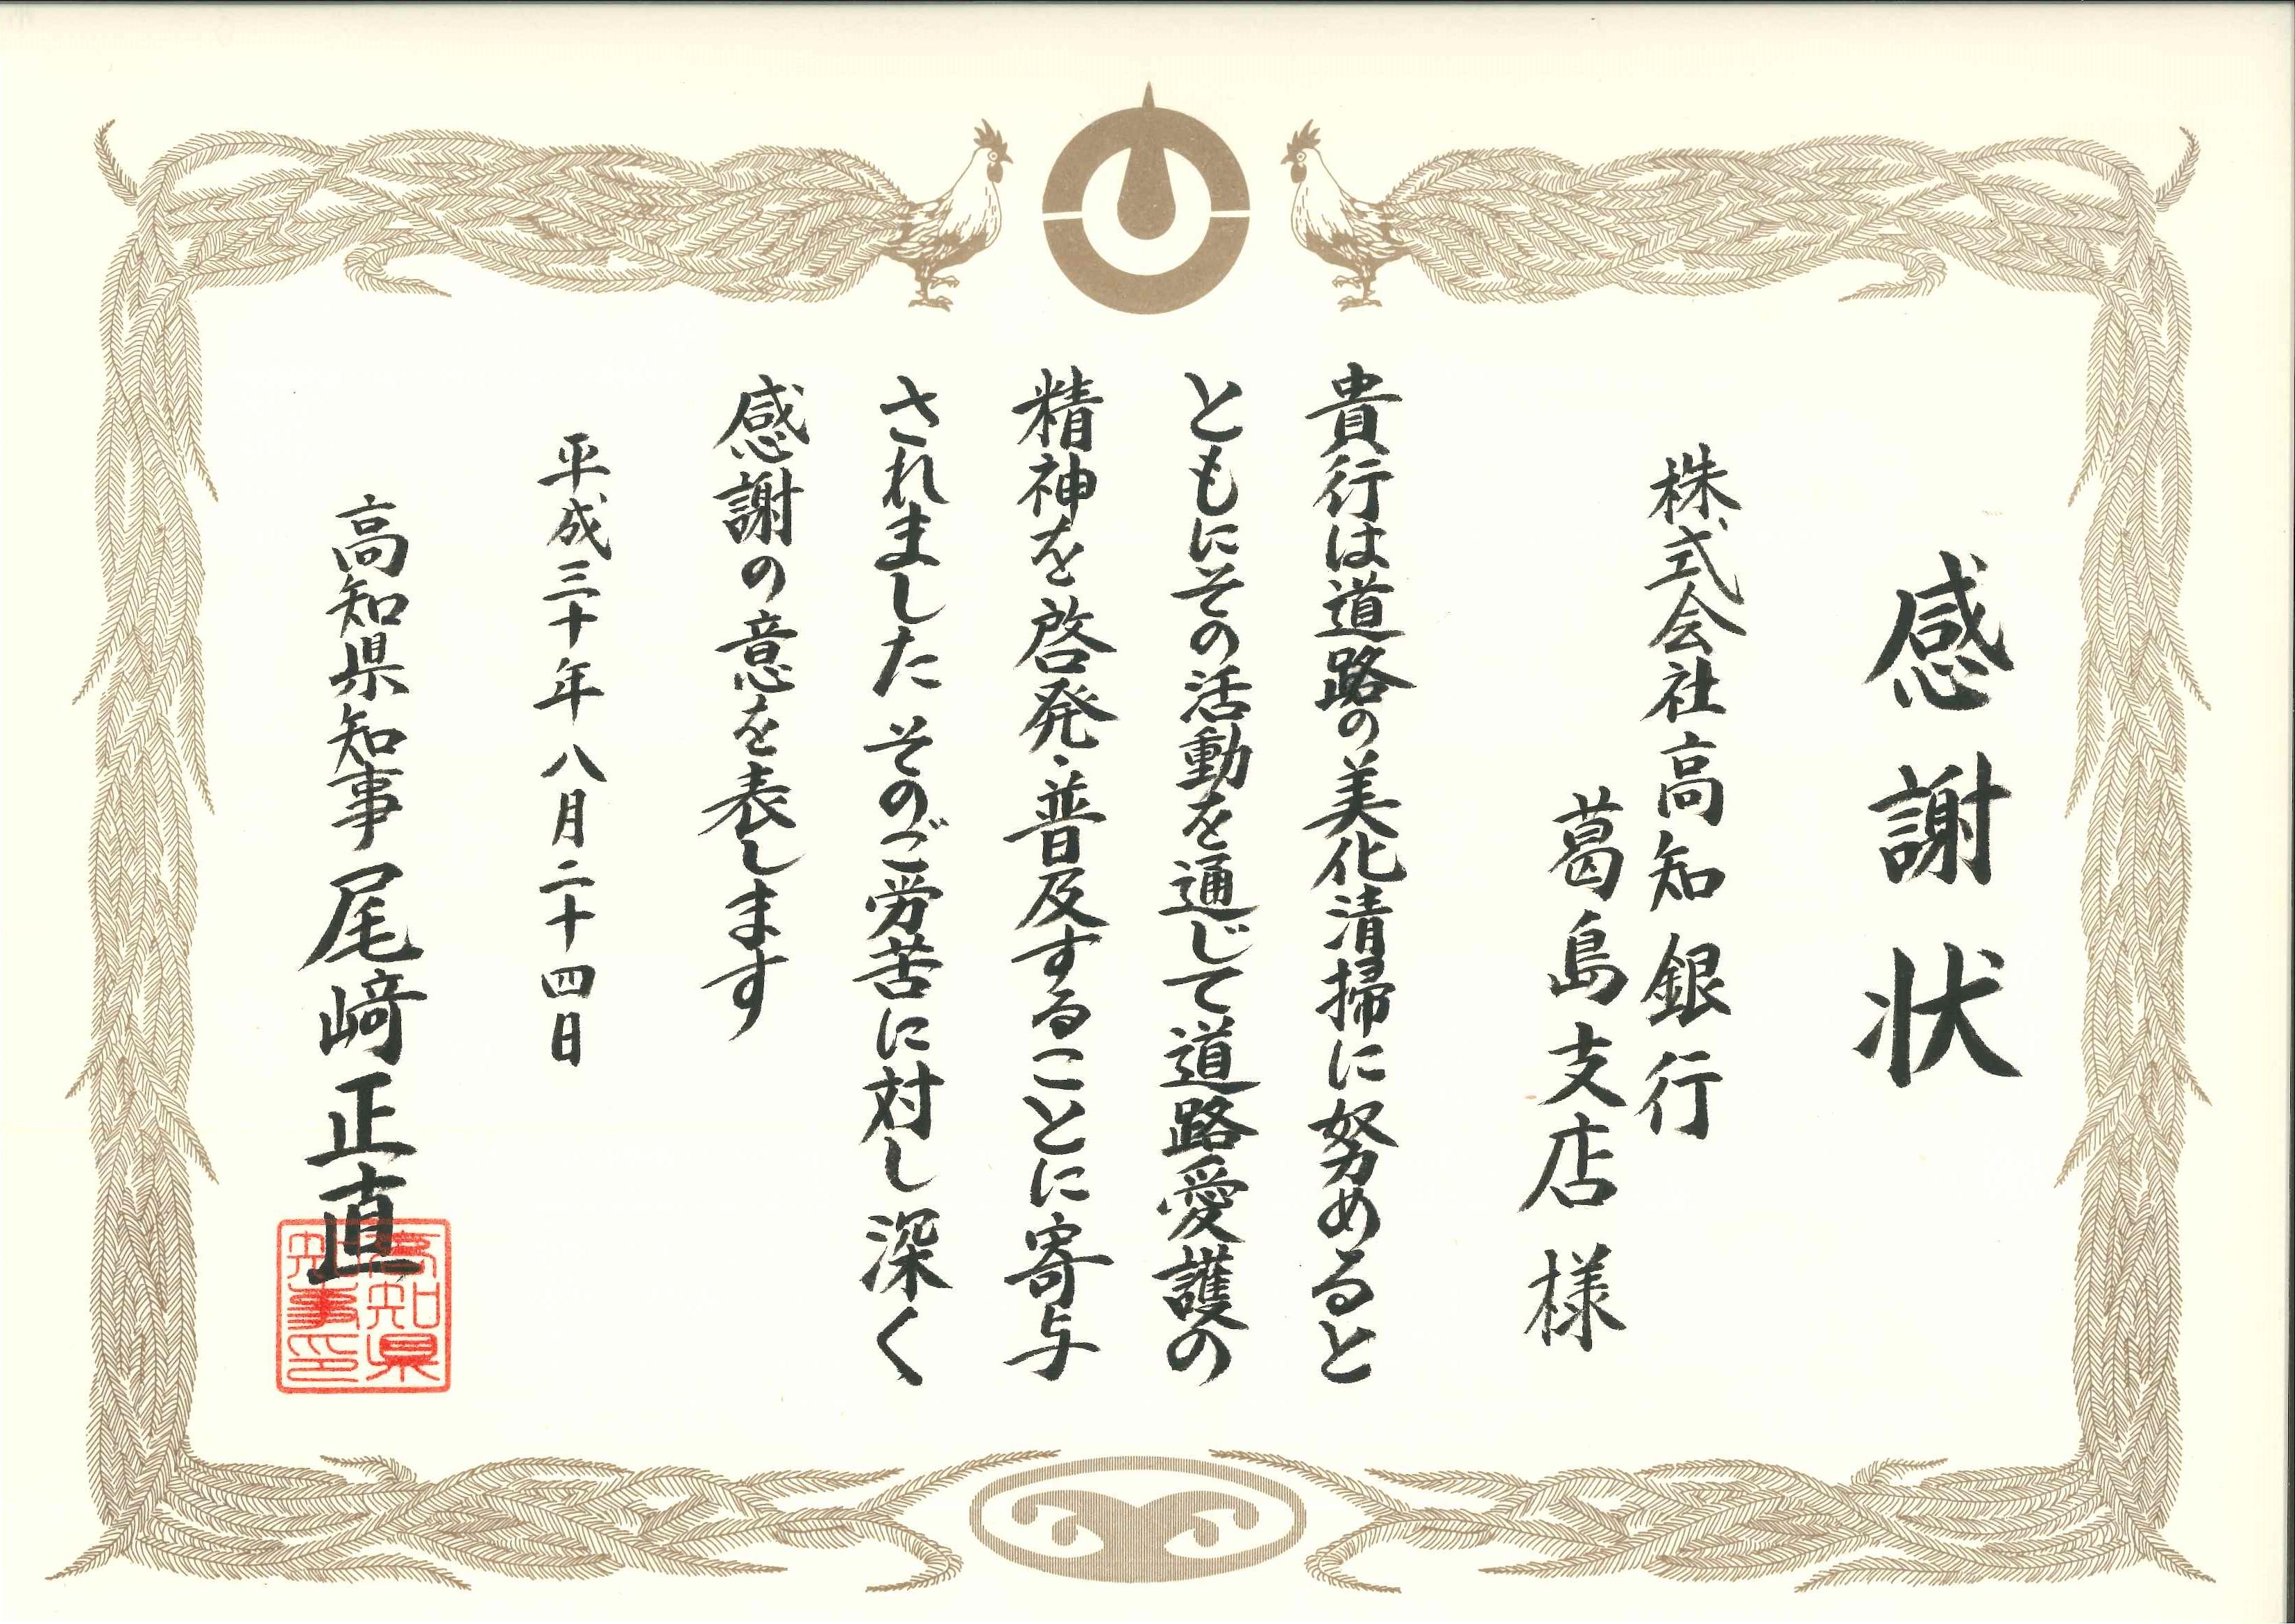 こうぎん四方山話~高知県知事から感謝状をいただいちゃいました ...